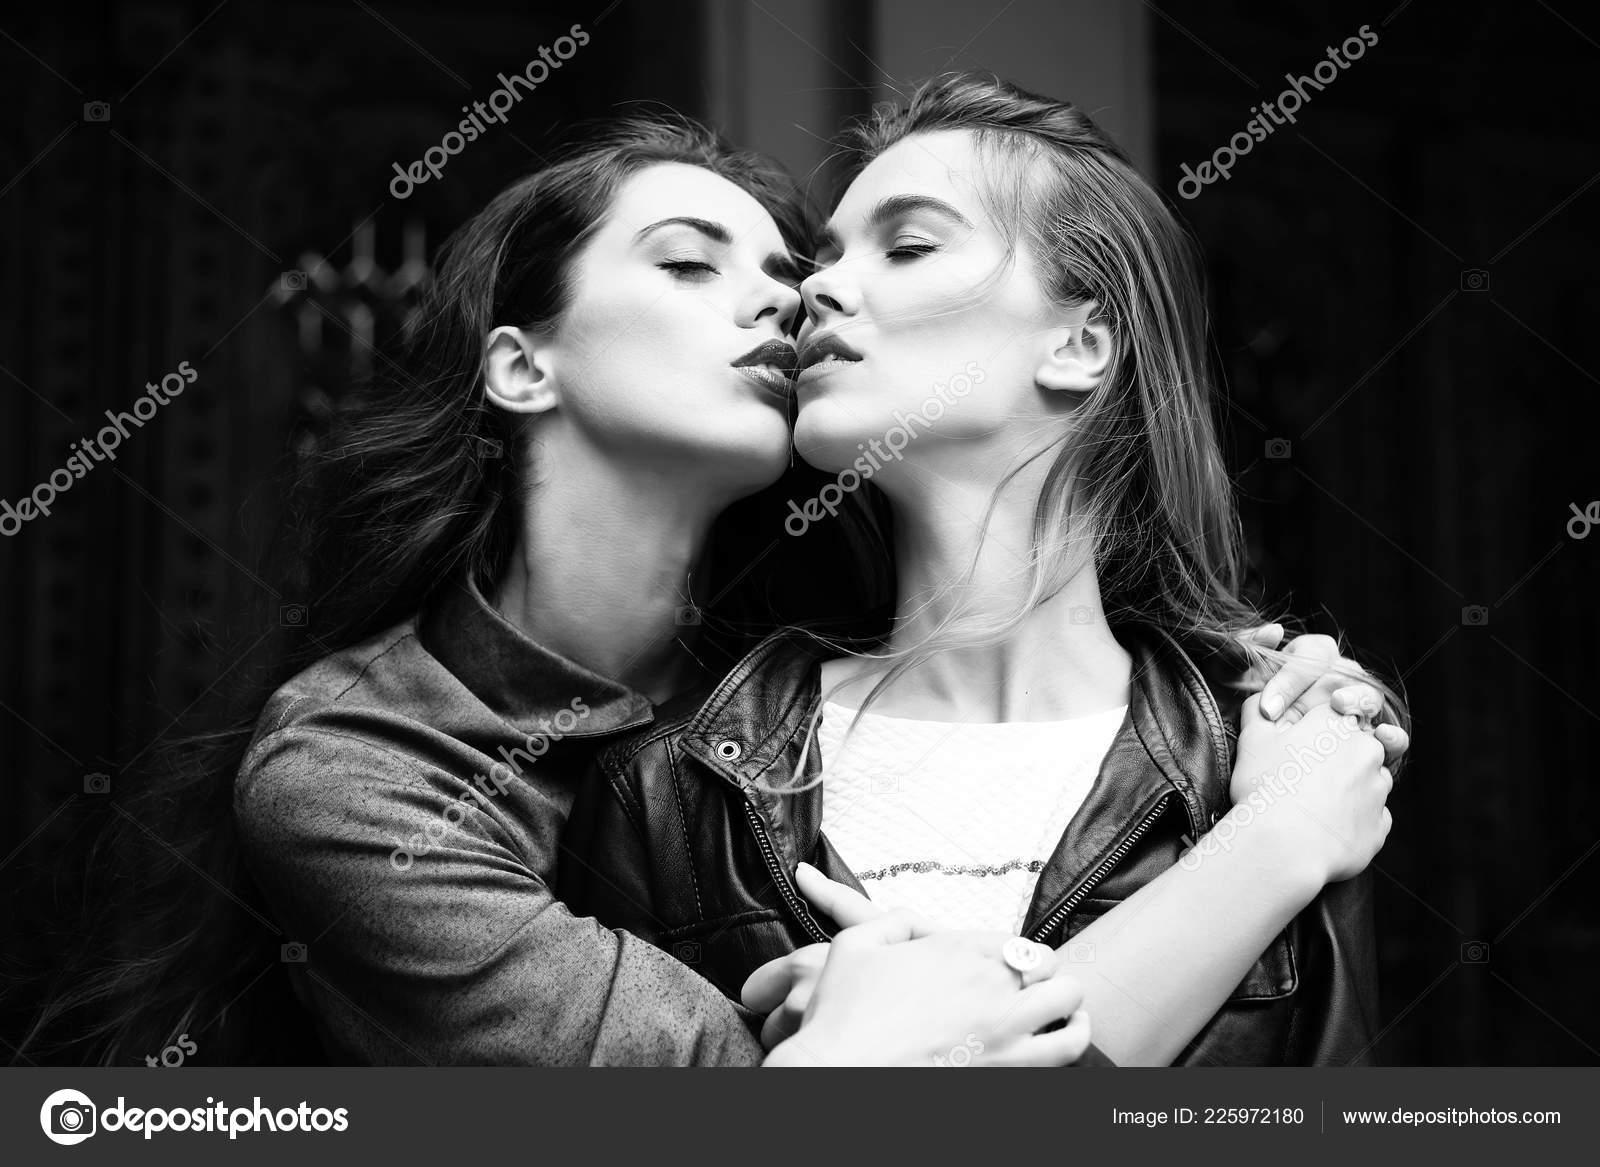 , Υπαίθριος, γκέι σεξ θηλυκό λίστα πορνό αστέρι